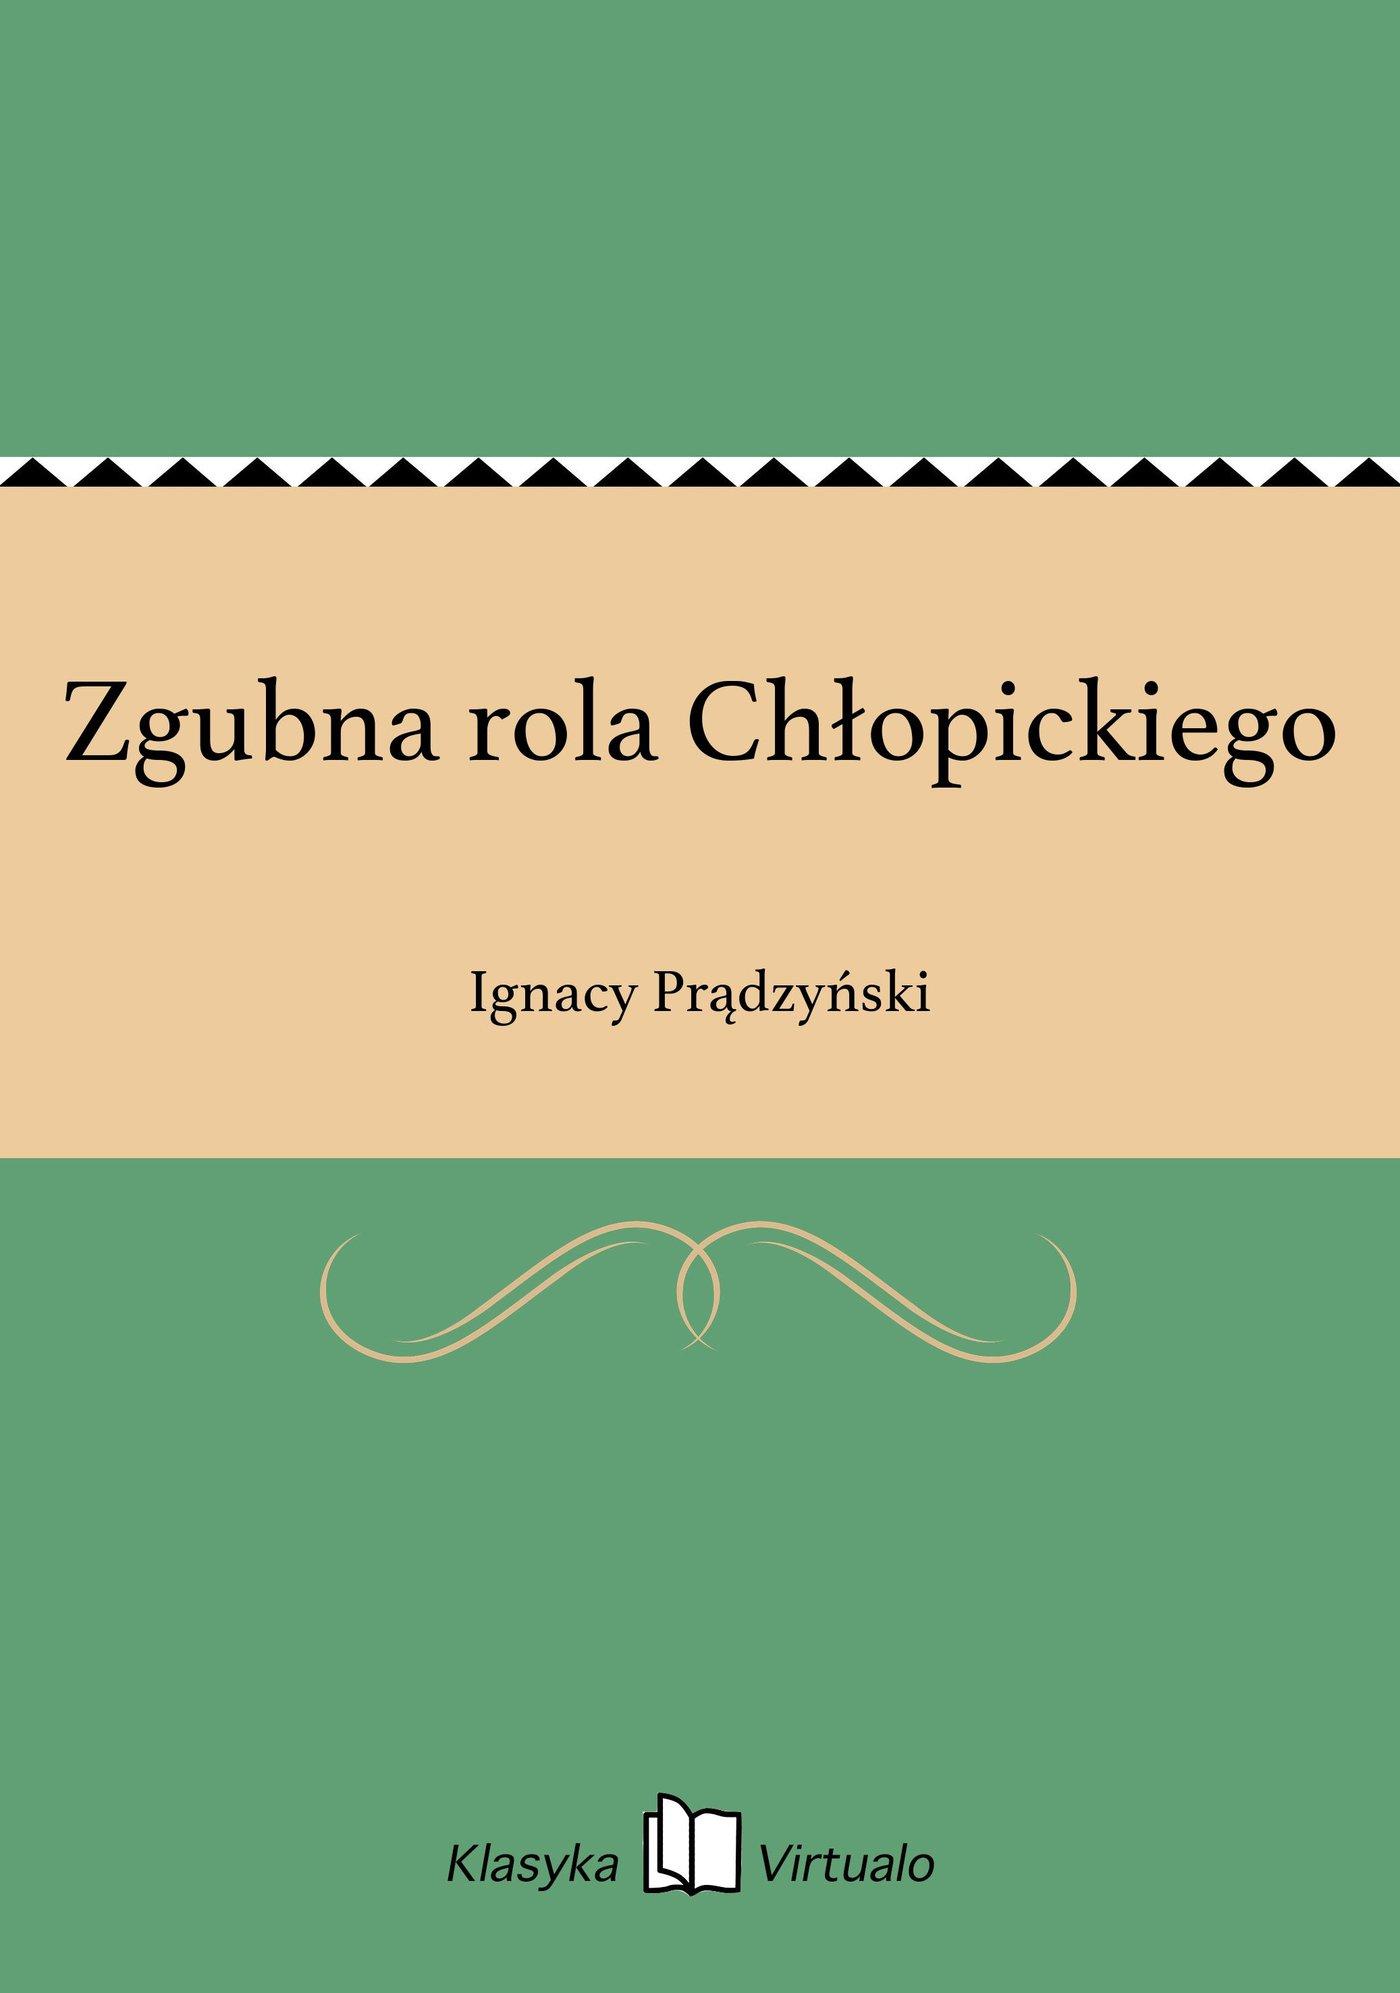 Zgubna rola Chłopickiego - Ebook (Książka na Kindle) do pobrania w formacie MOBI